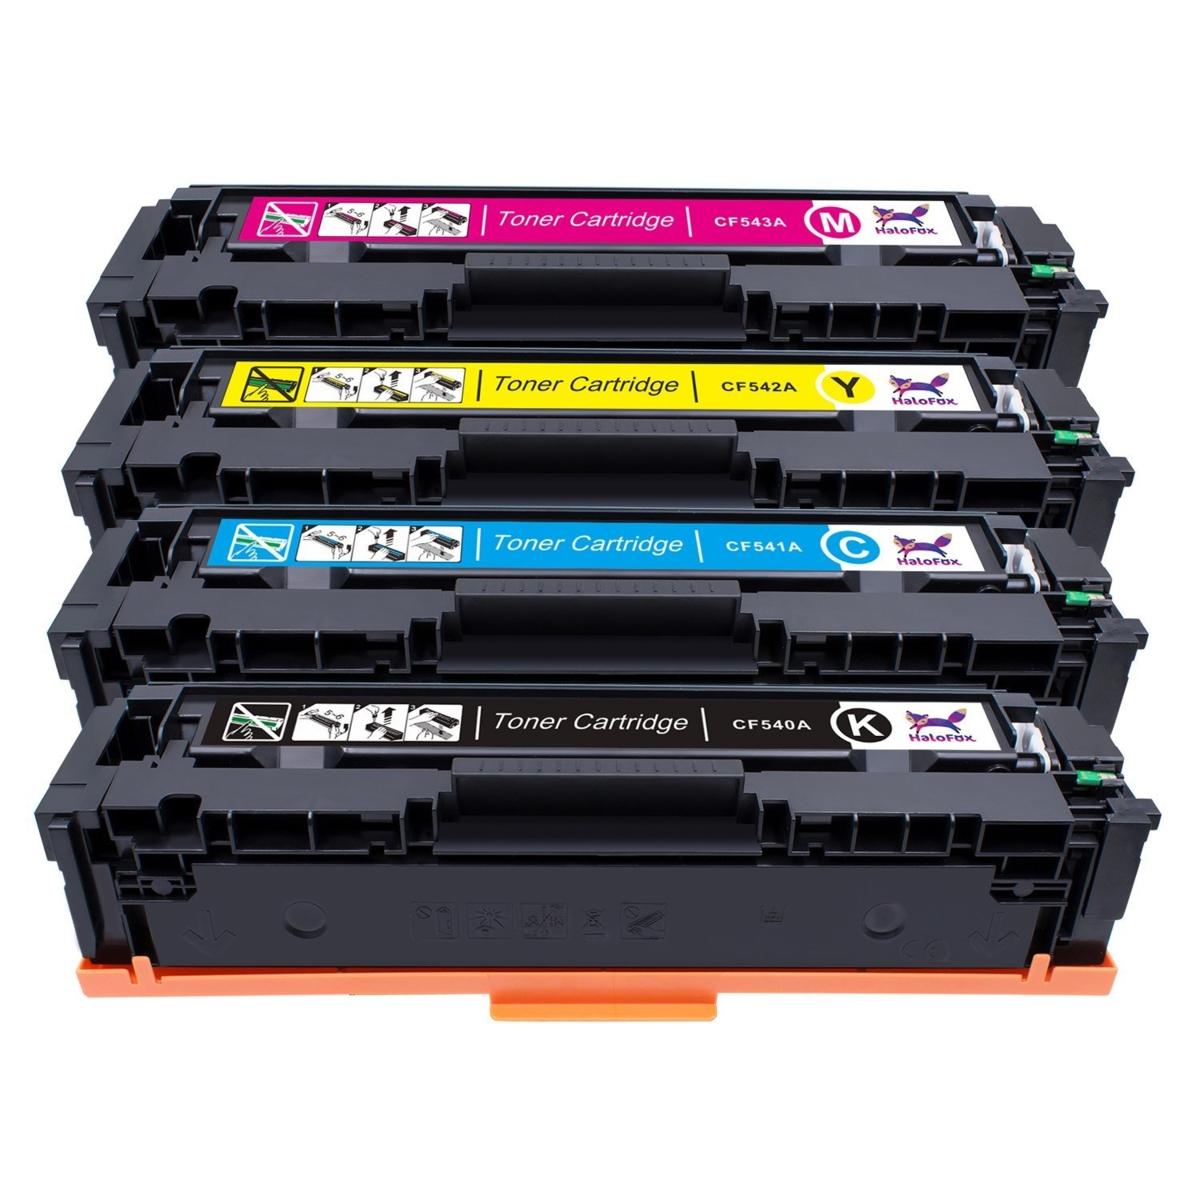 Tonery Náplně Toner HP 203A, HP CF543A - kompatibilní (Purpurový)